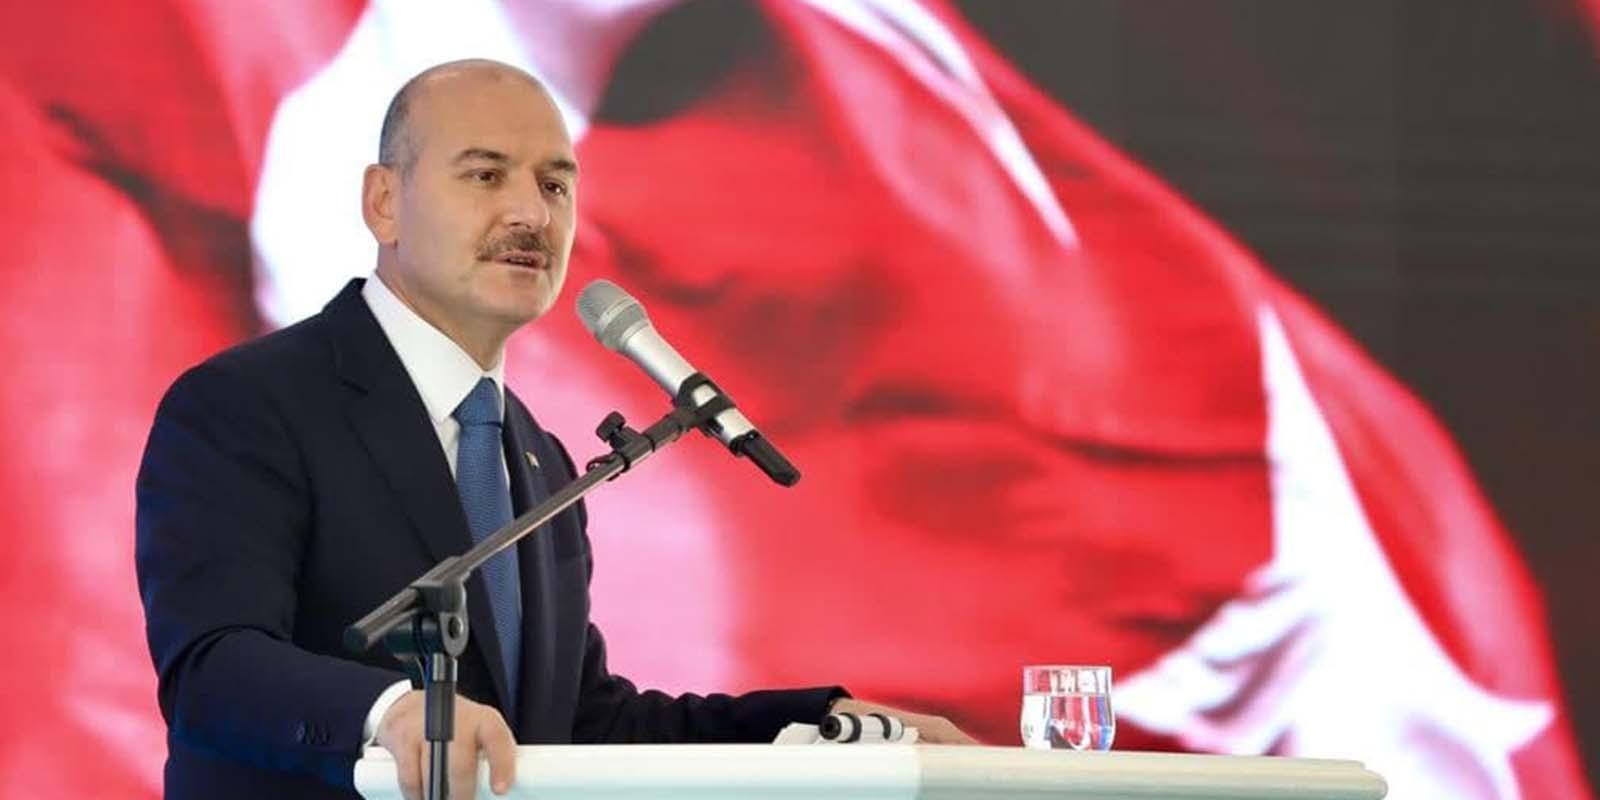 SON DAKİKA! Bakan Soylu'dan Cumhuriyet gazetesine çok sert tepki!